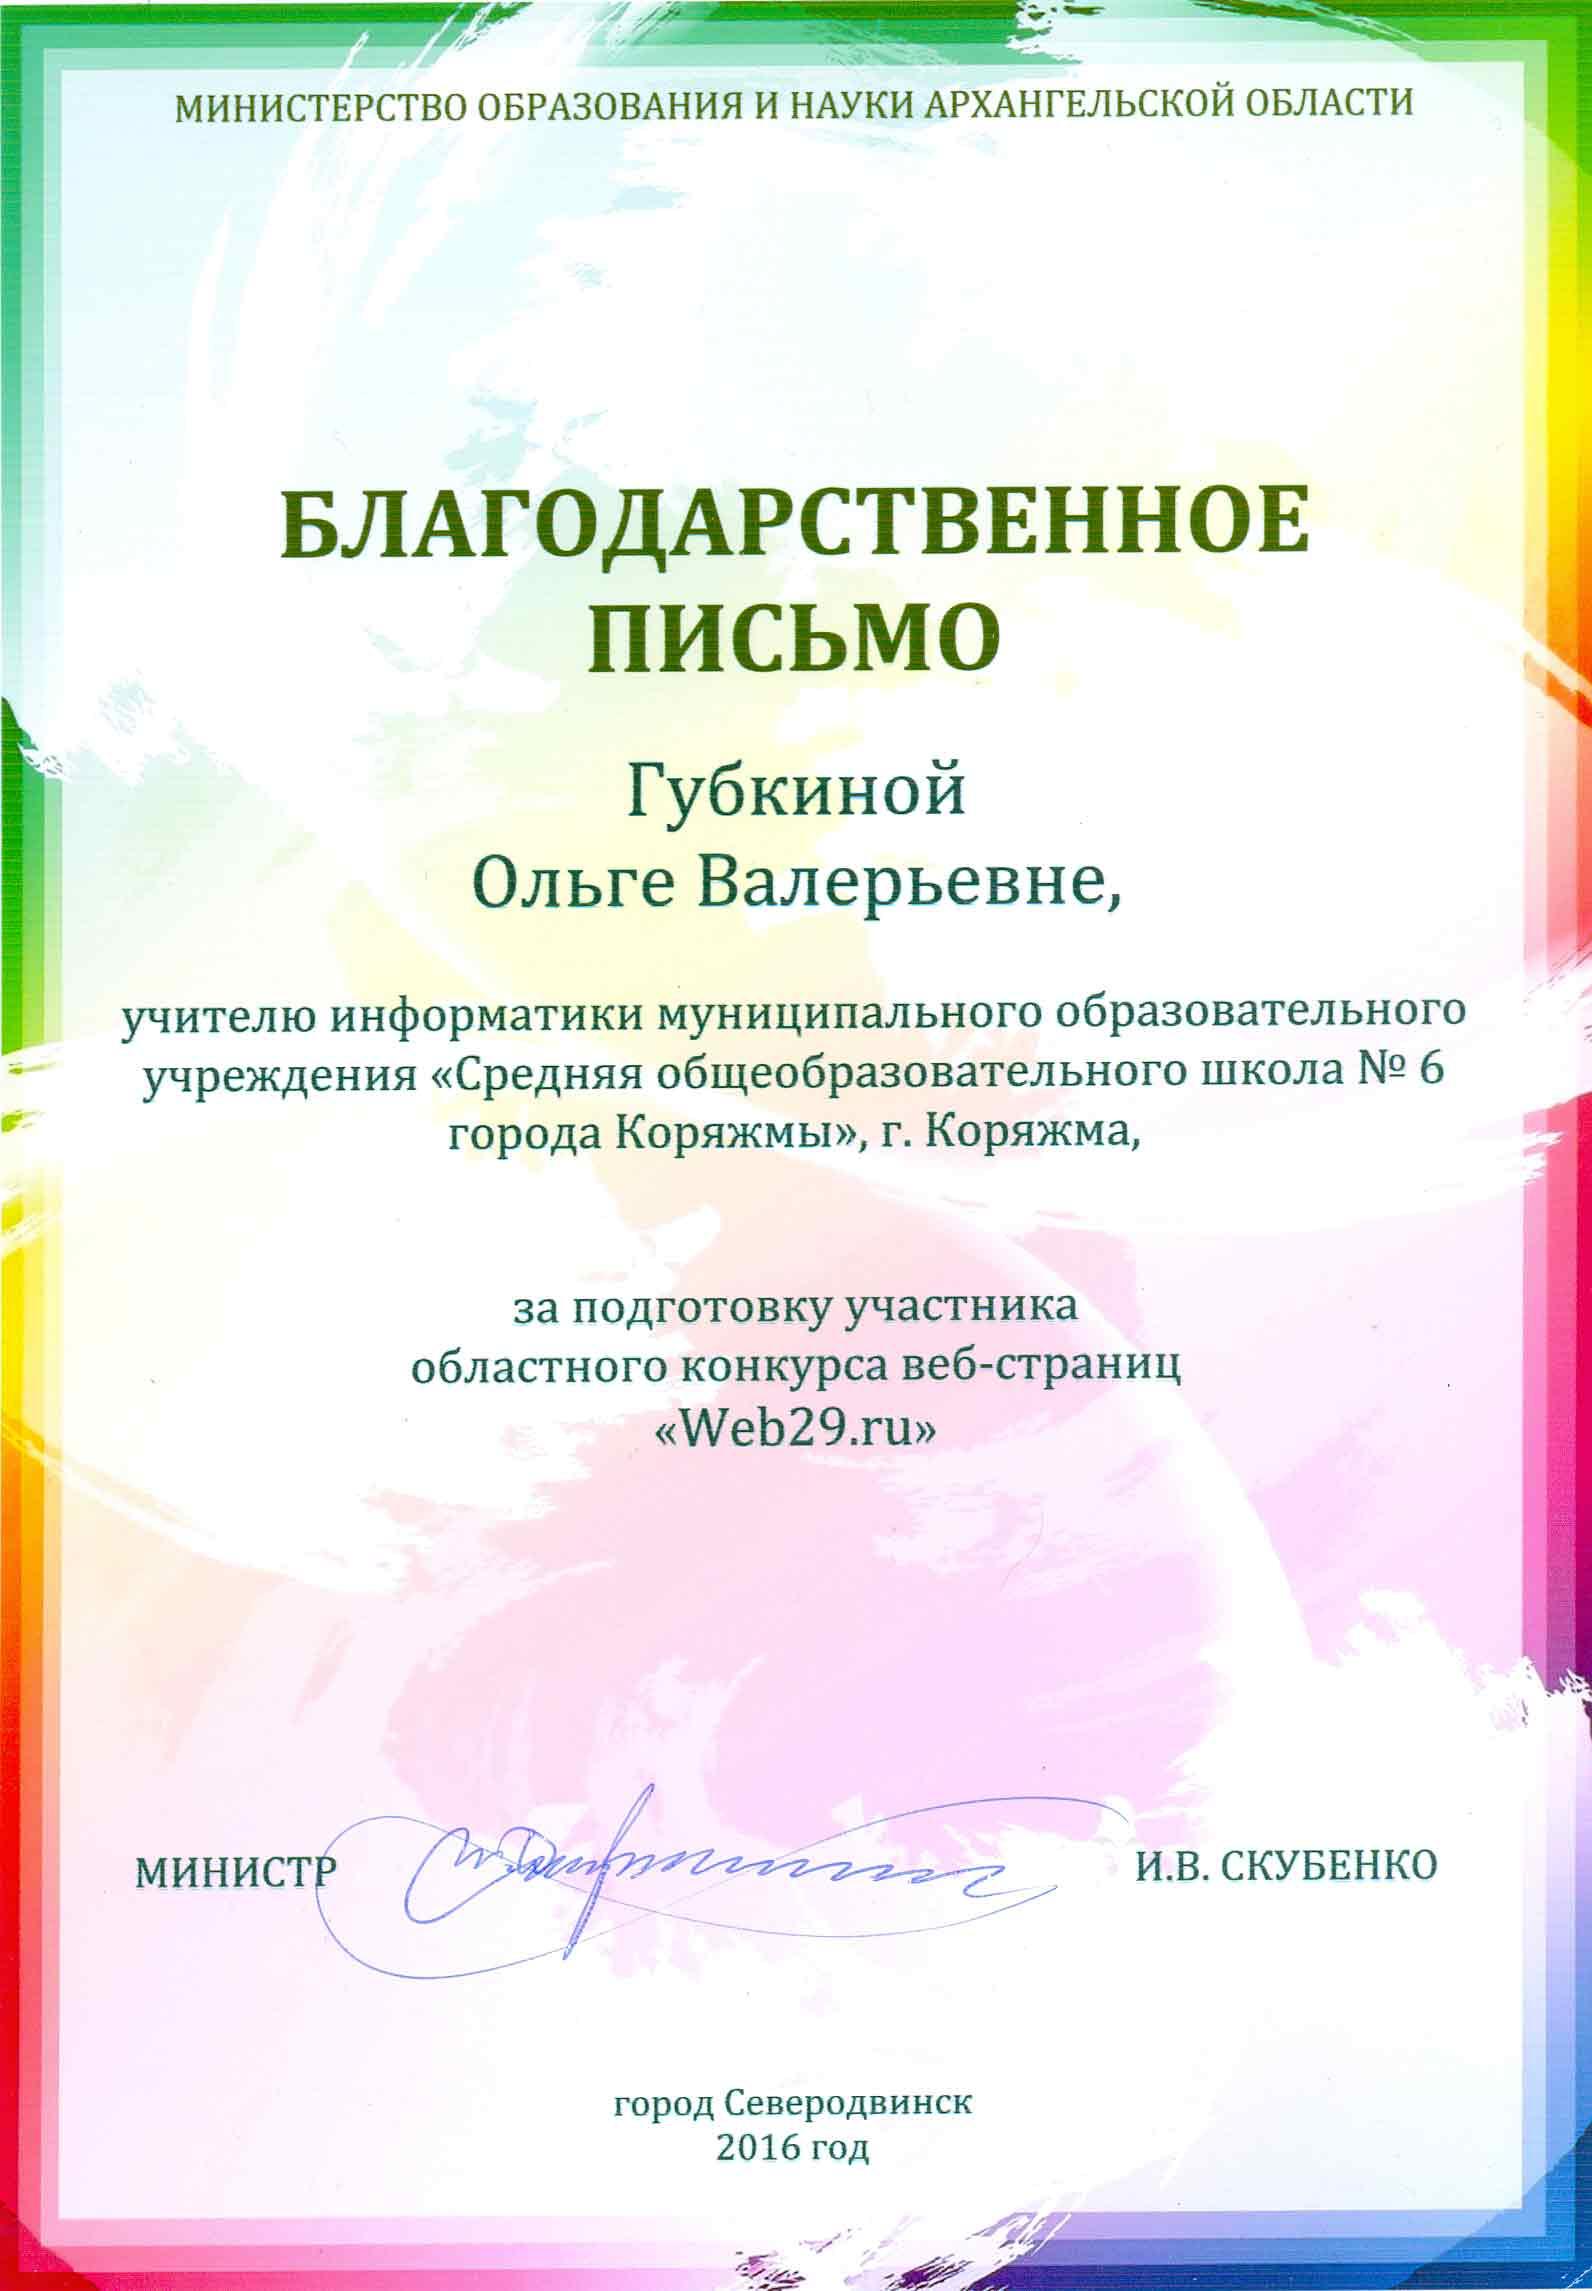 Благодарственное письмо министра образования Архангельской области за подготовку участника областного конкурса веб-страниц «Web29.ru»